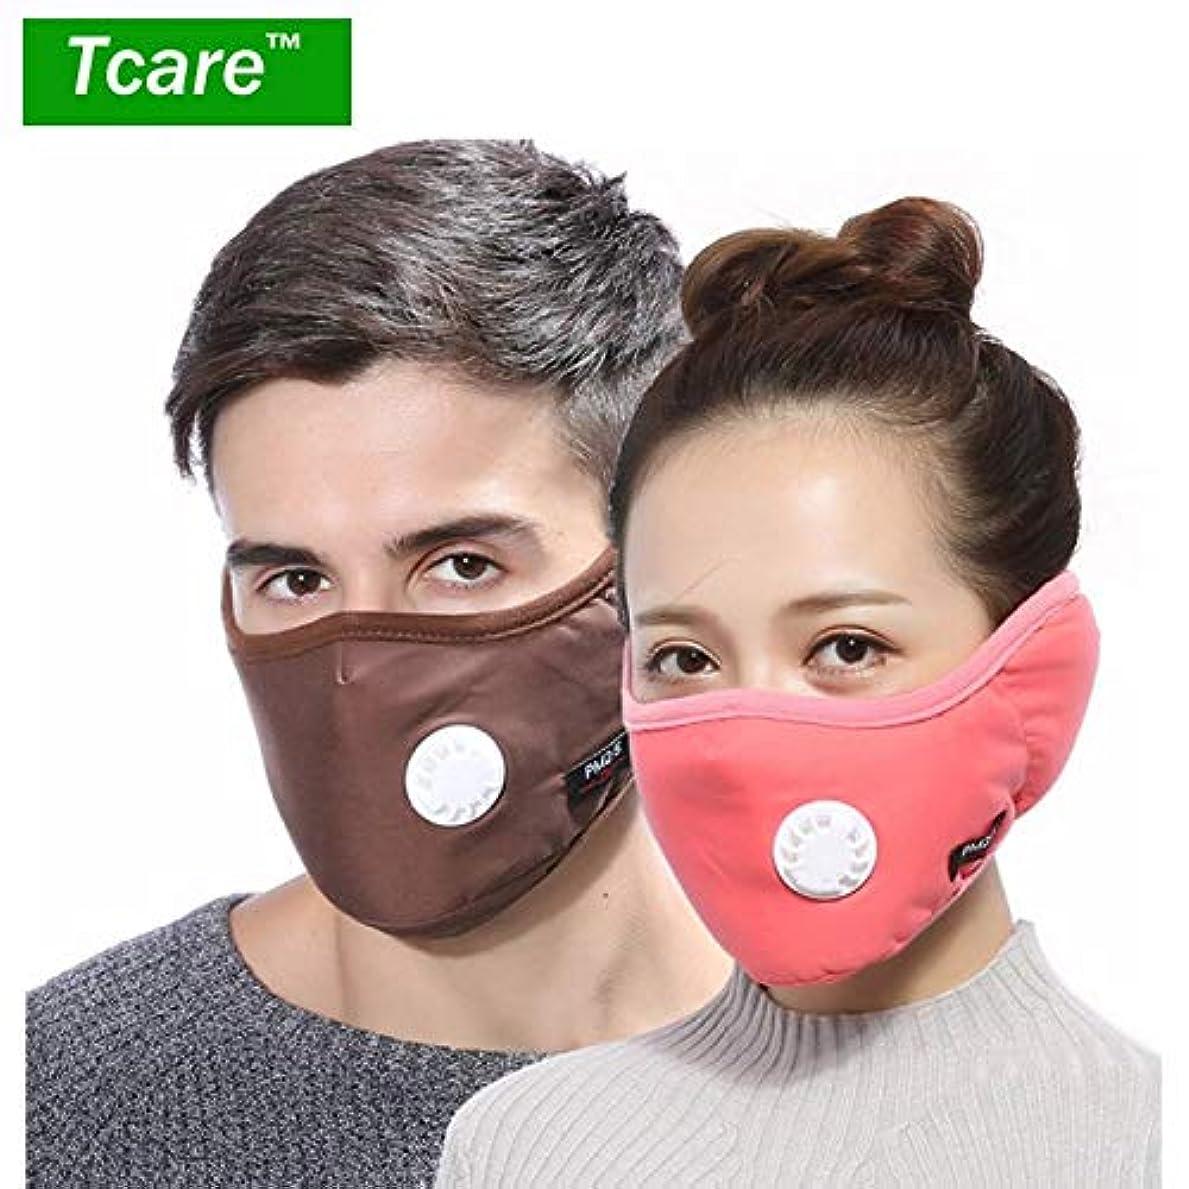 受け入れる万歳業界4レッド:1 PM2.5マスクバルブコットンアンチダスト口マスクの冬のイヤーマフActtedフィルター付マスクでTcare 2